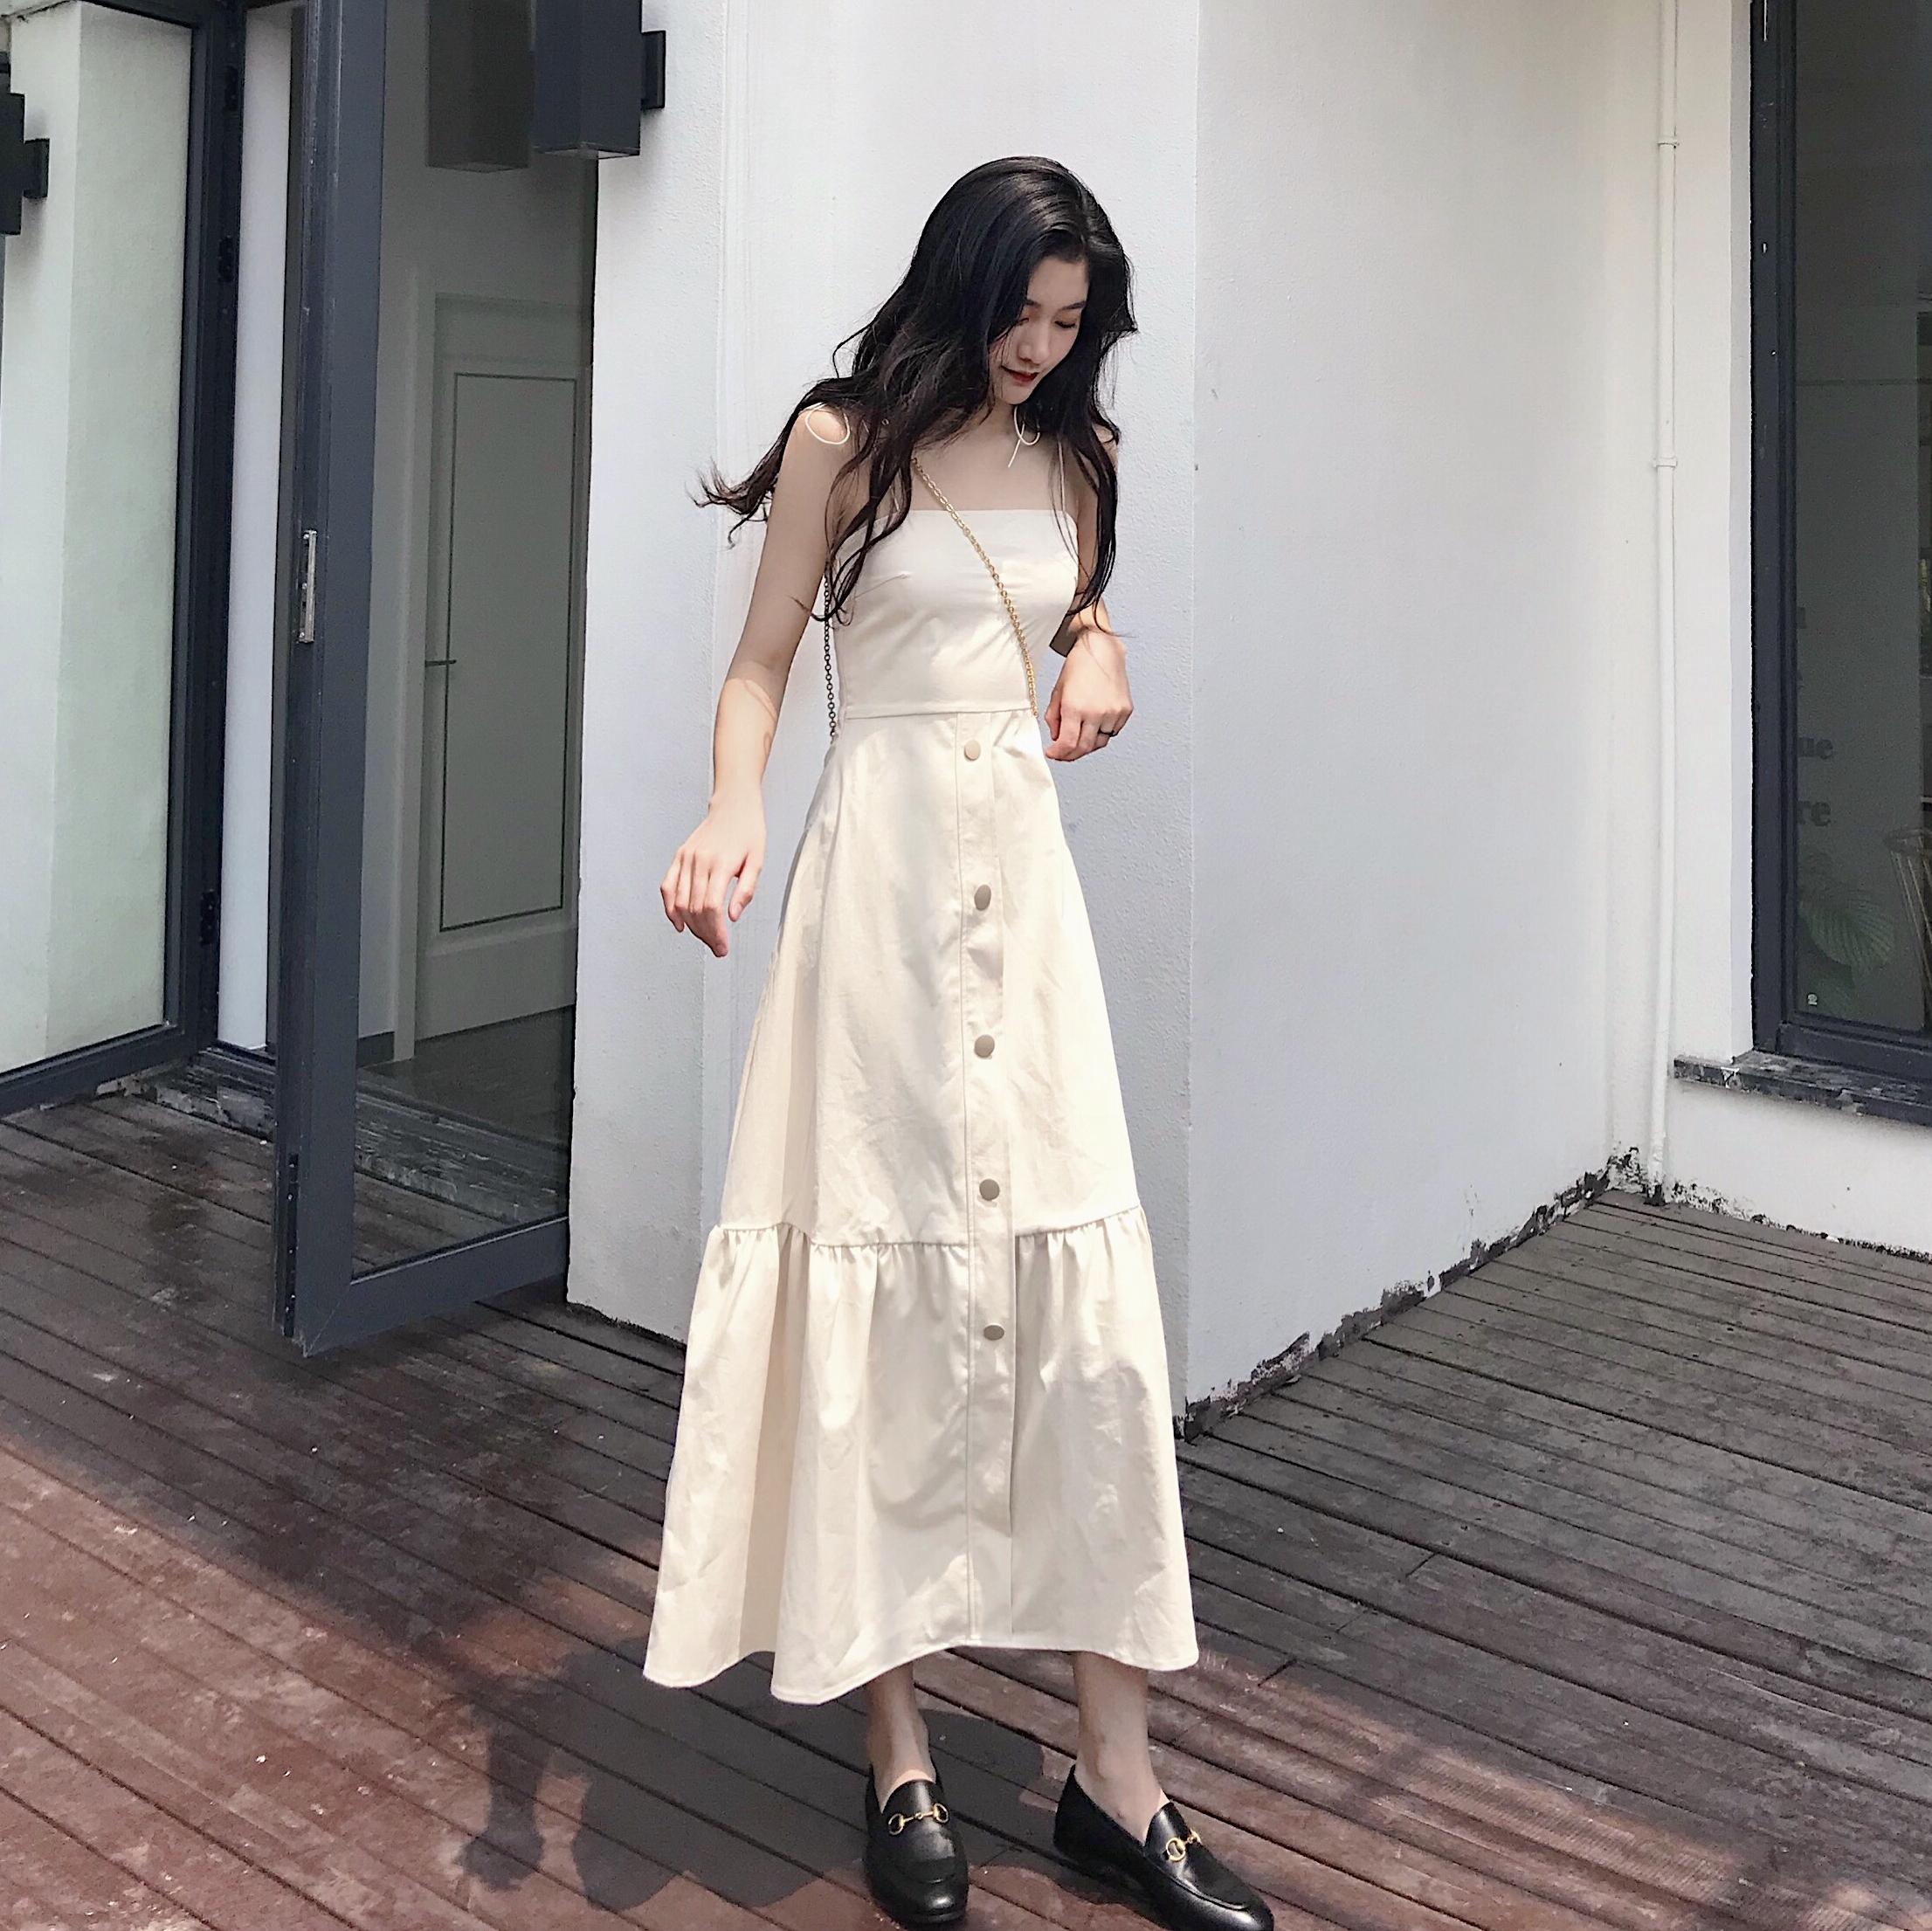 夏季韓國復古初戀裙抹胸高腰優雅荷葉邊長裙單排扣吊帶連衣裙女